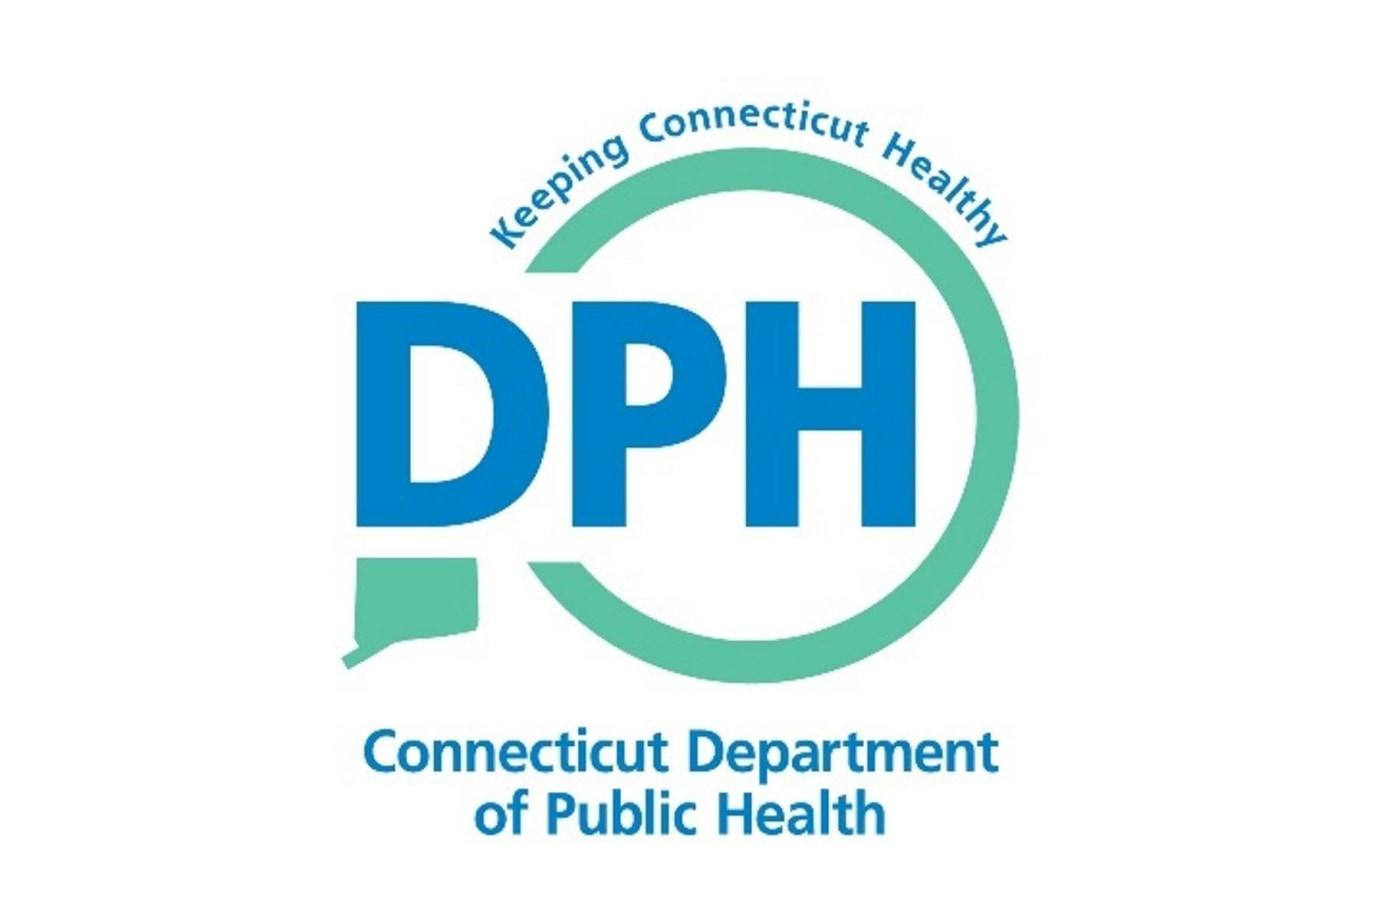 CT Department of Public Health